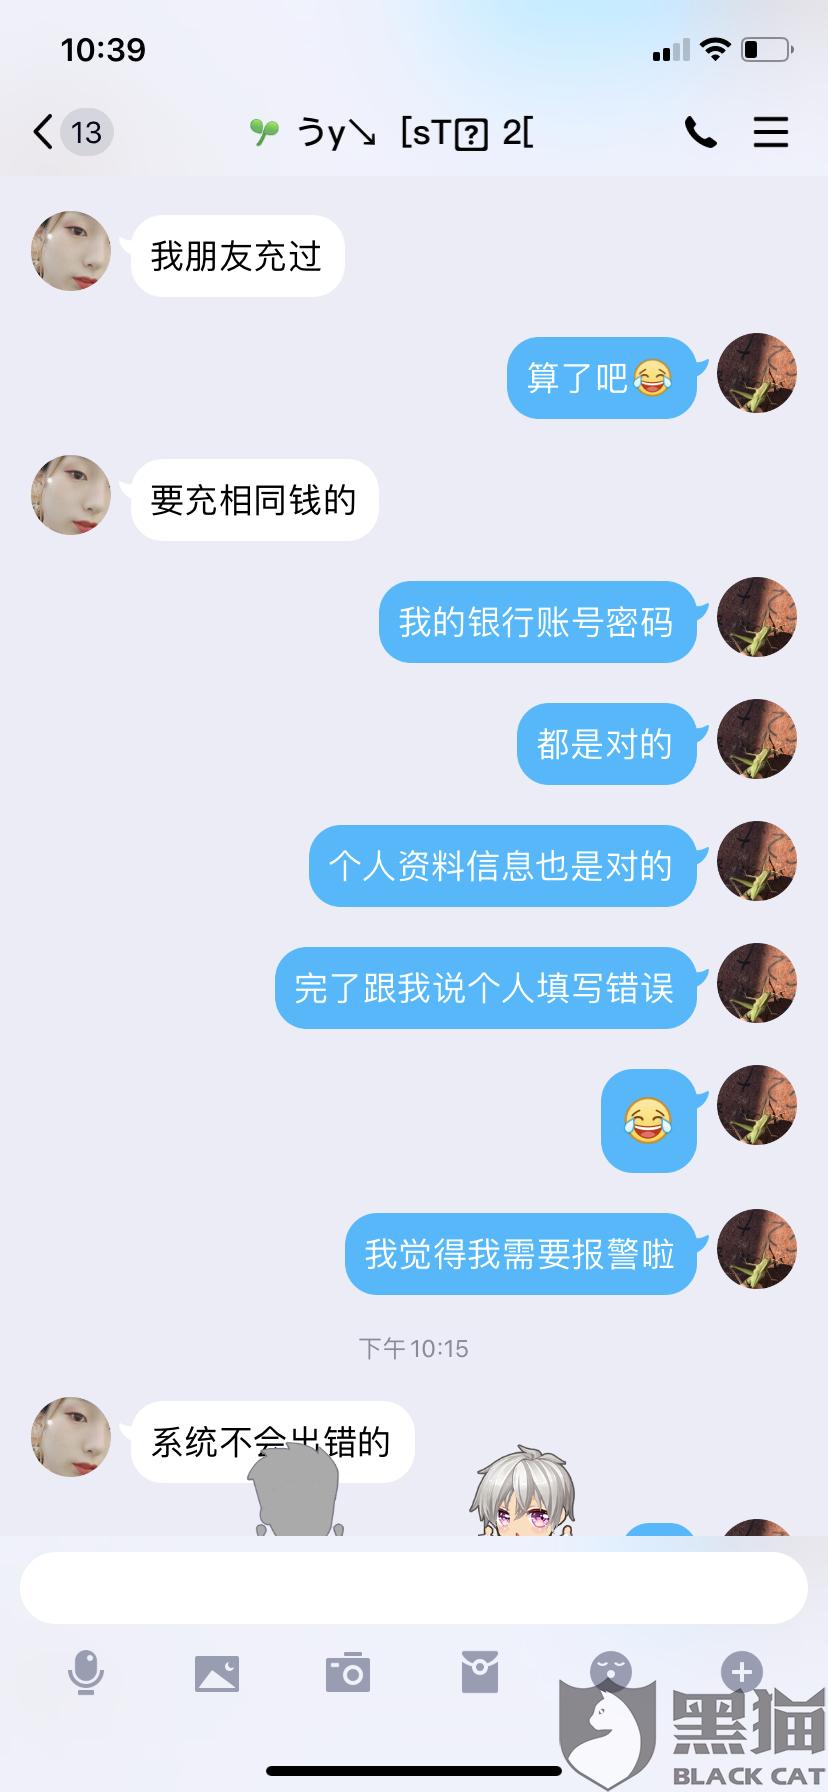 黑猫投诉:百度搜索触福游网络游戏账号交易平台